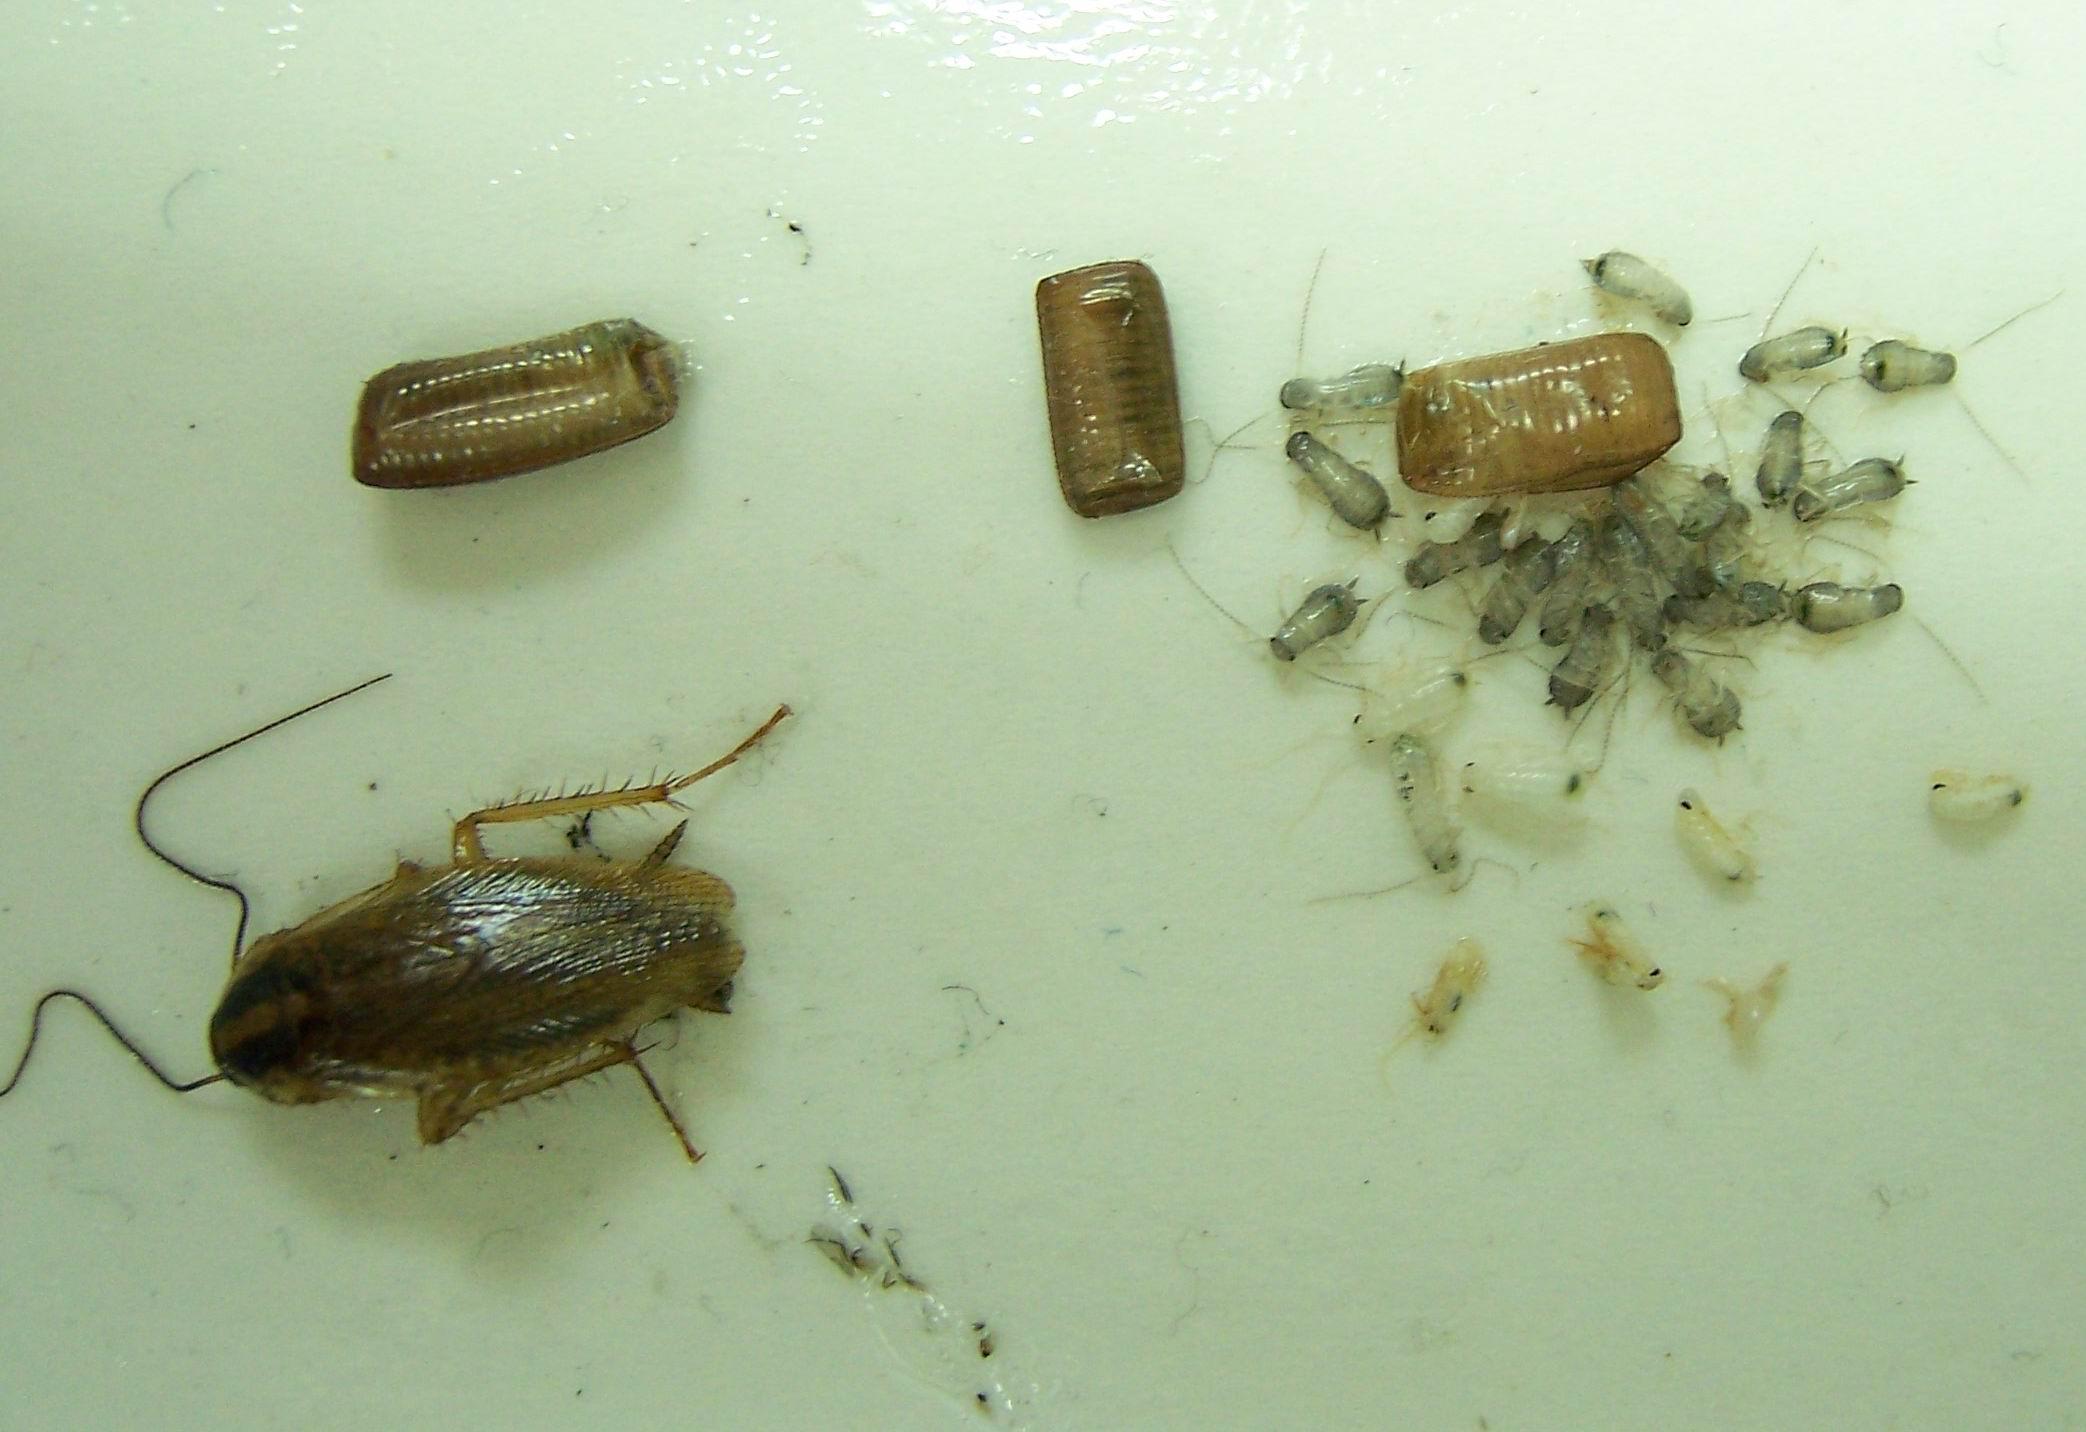 蟑螂爬过的地方有毒吗